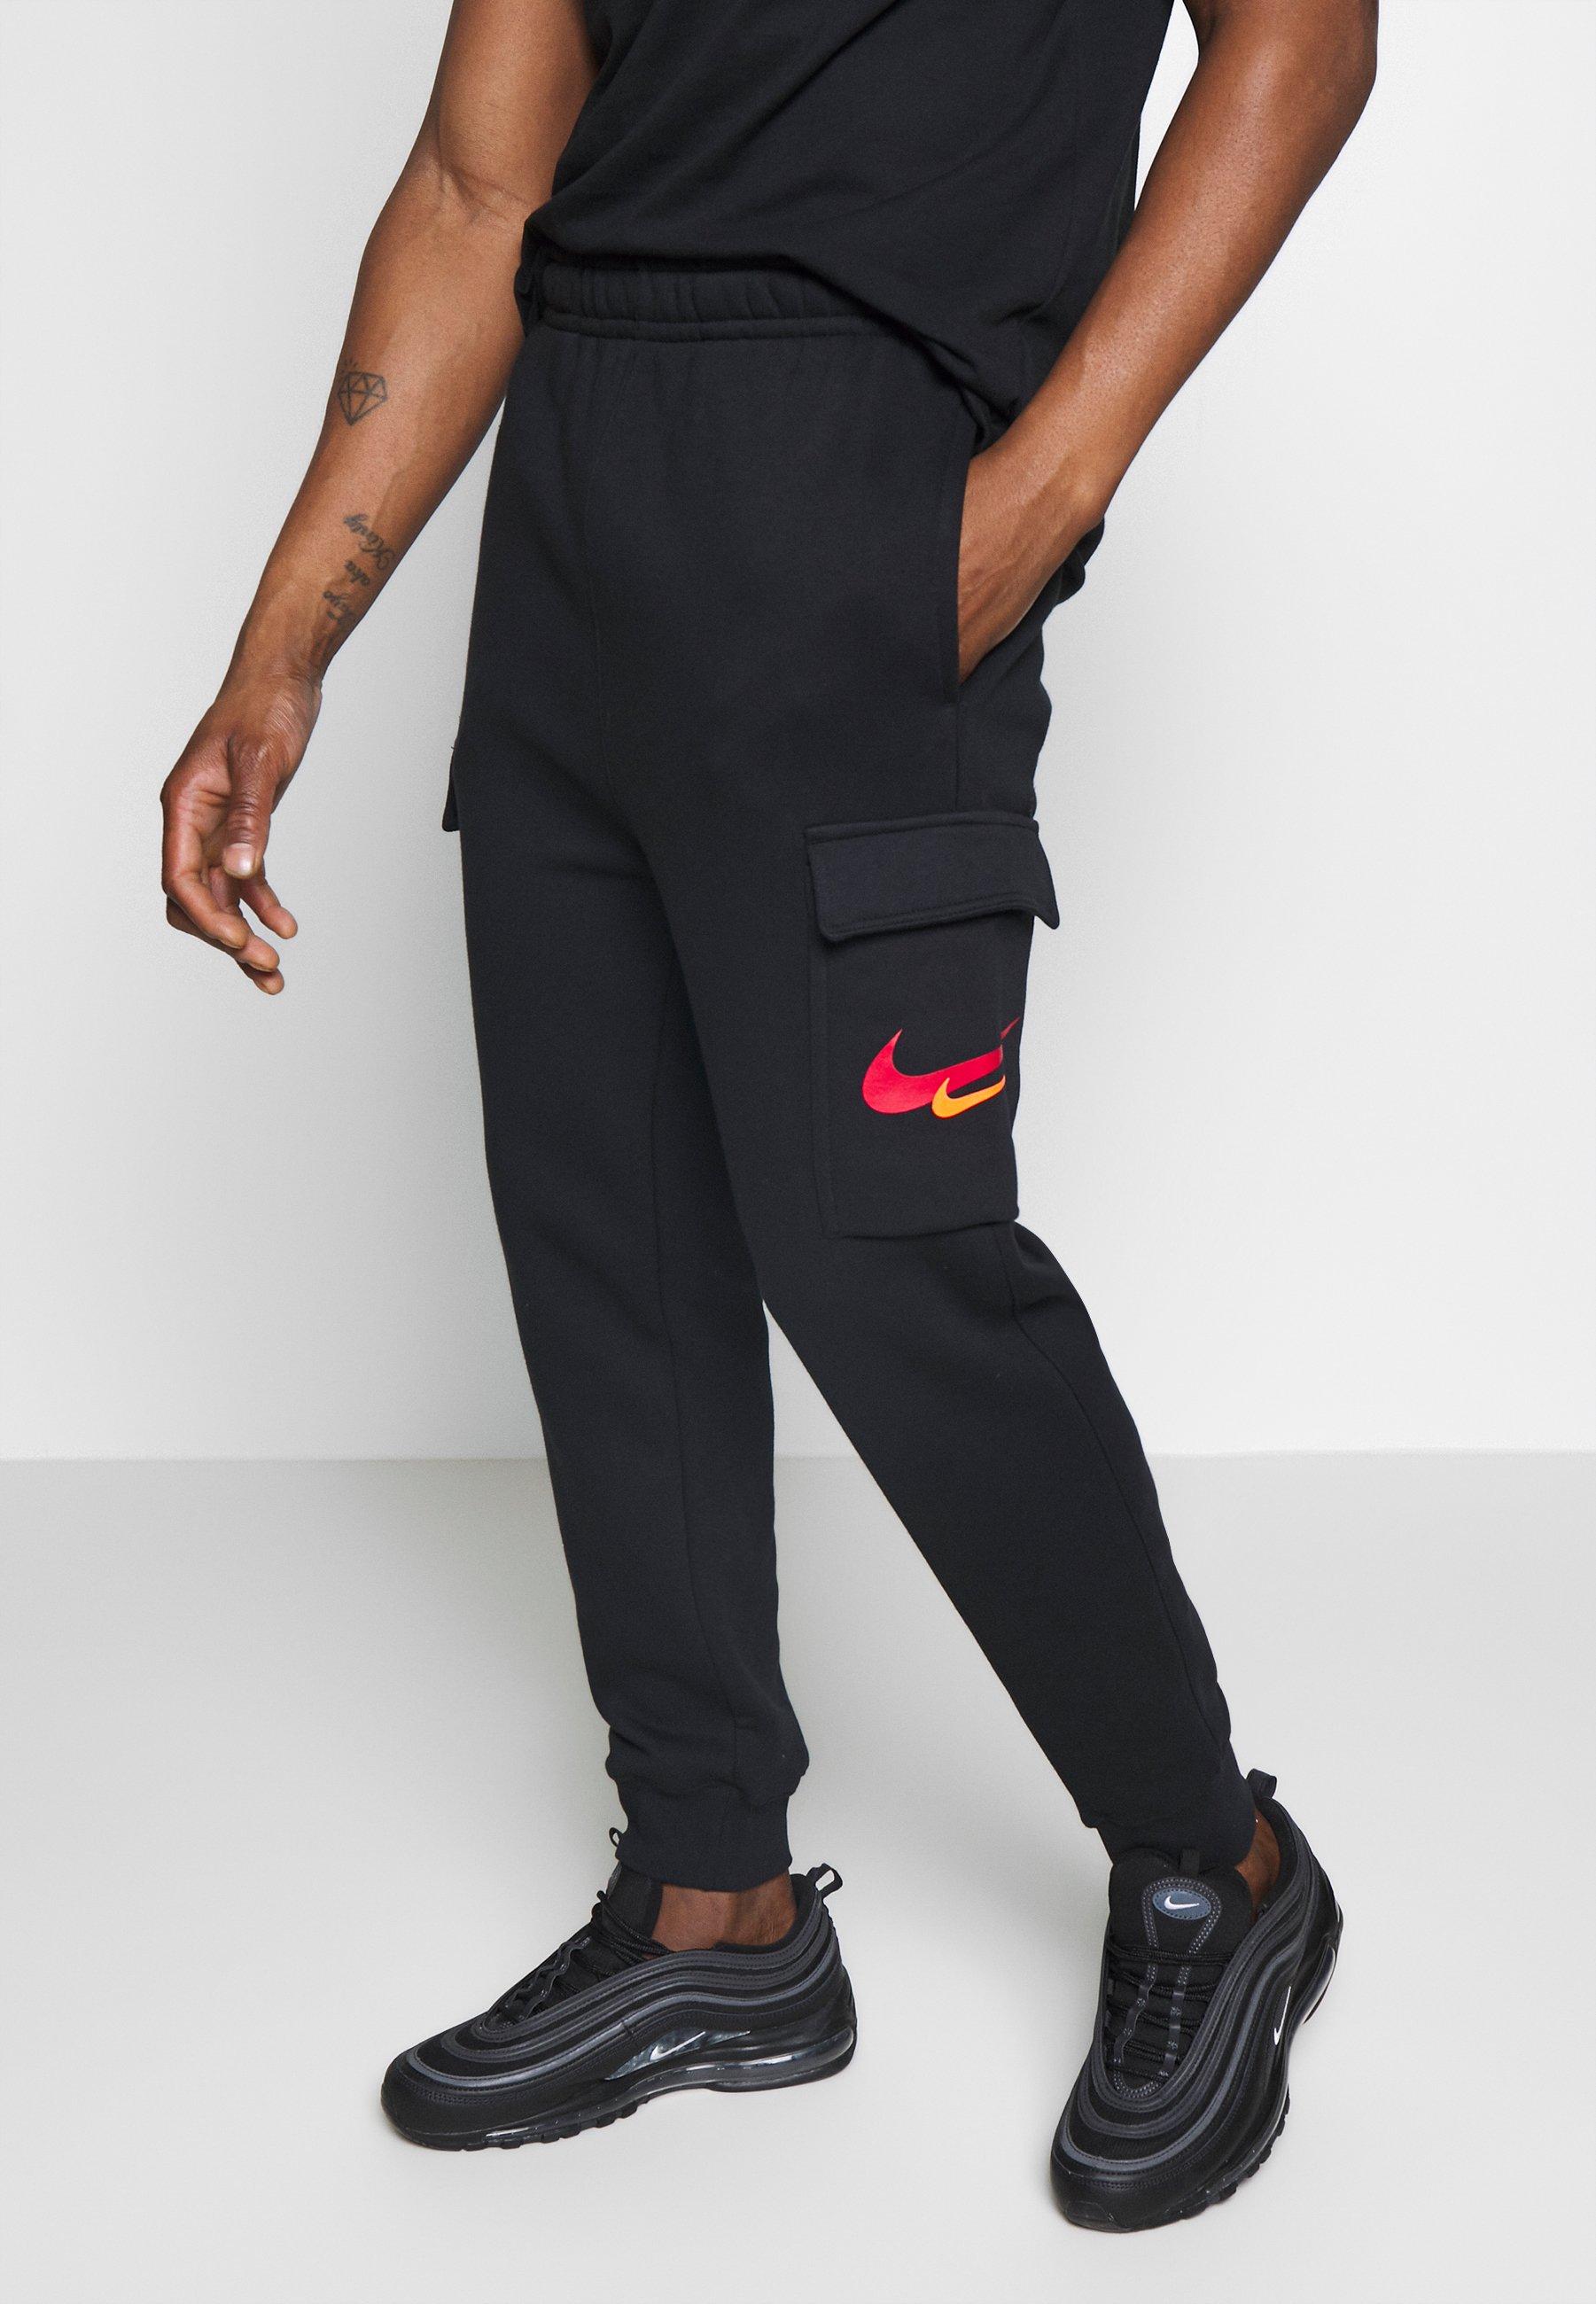 Nike Joggebukse | Treningsbukser til dame og herre på Zalando